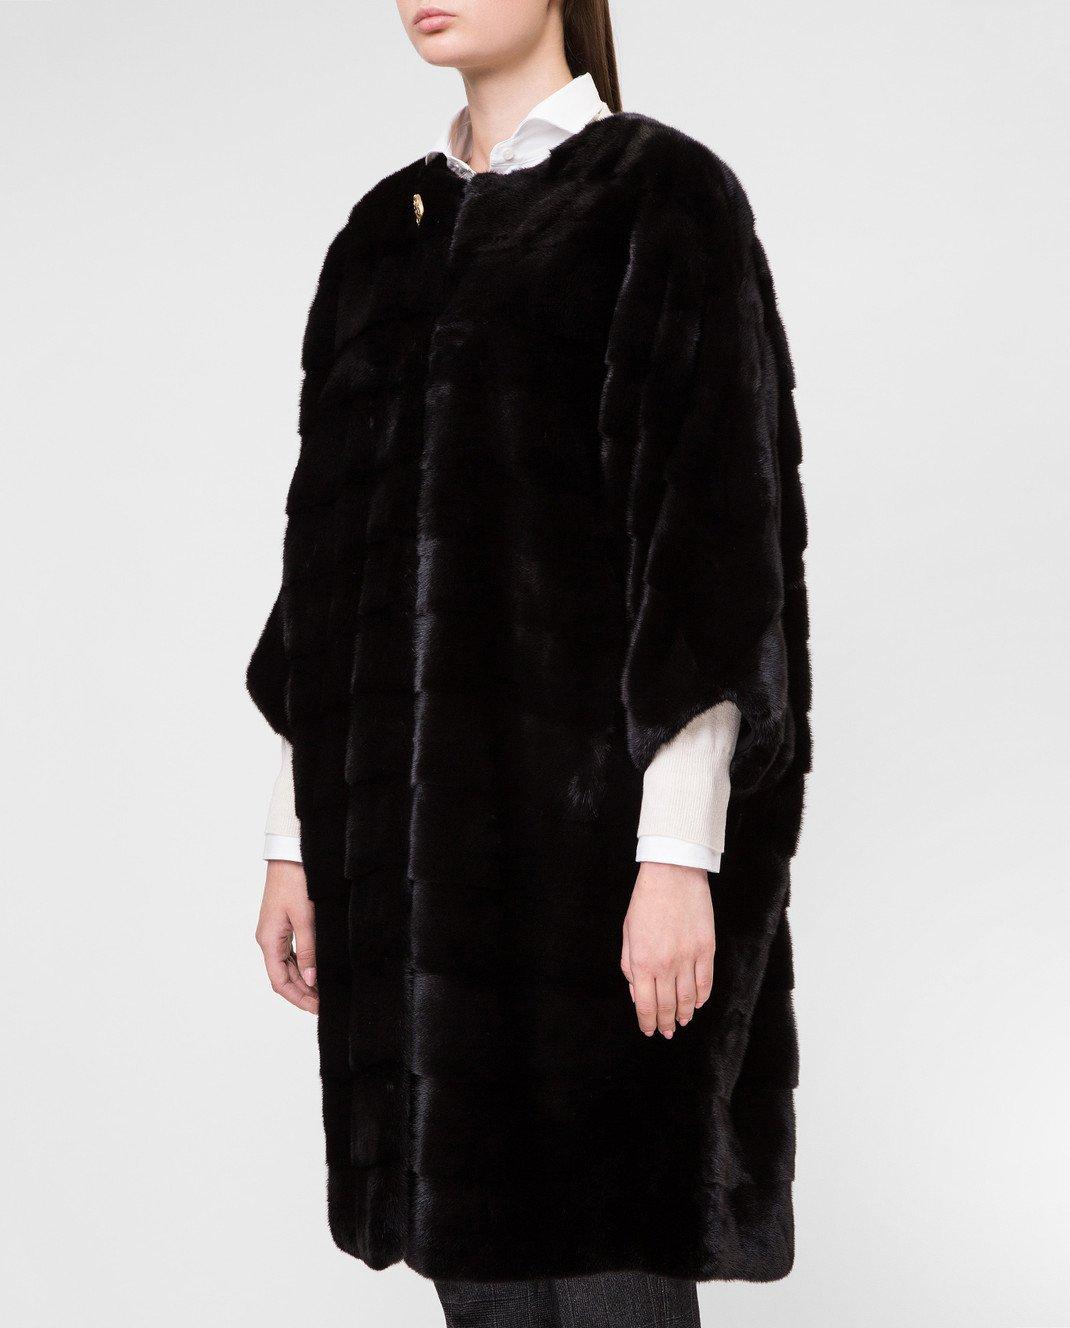 Real Furs House Черное меховое пальто TB923 изображение 3